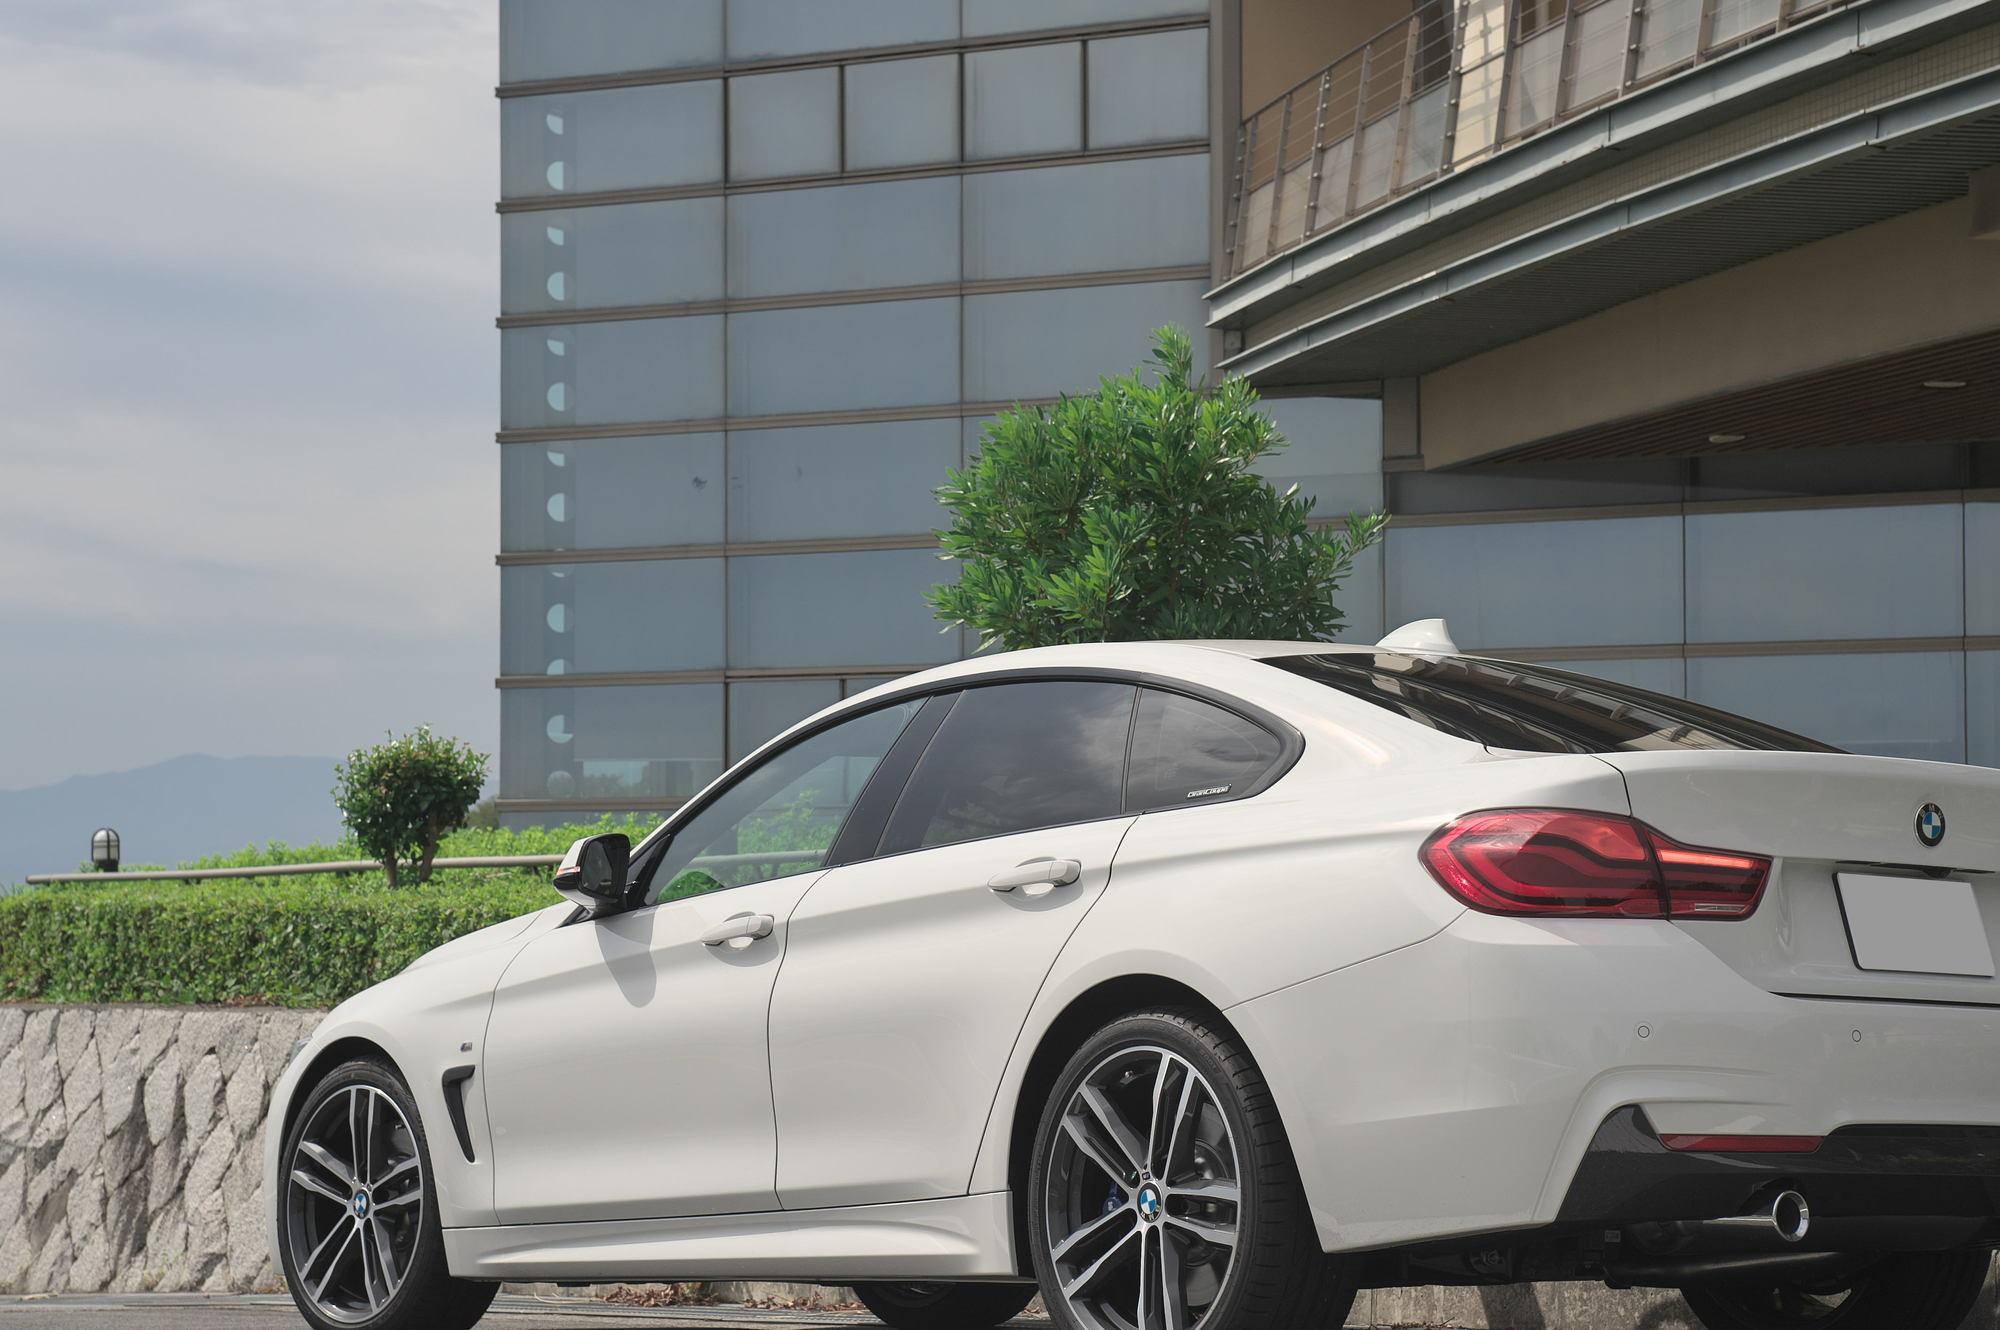 ビルの前に駐車する白のBMW